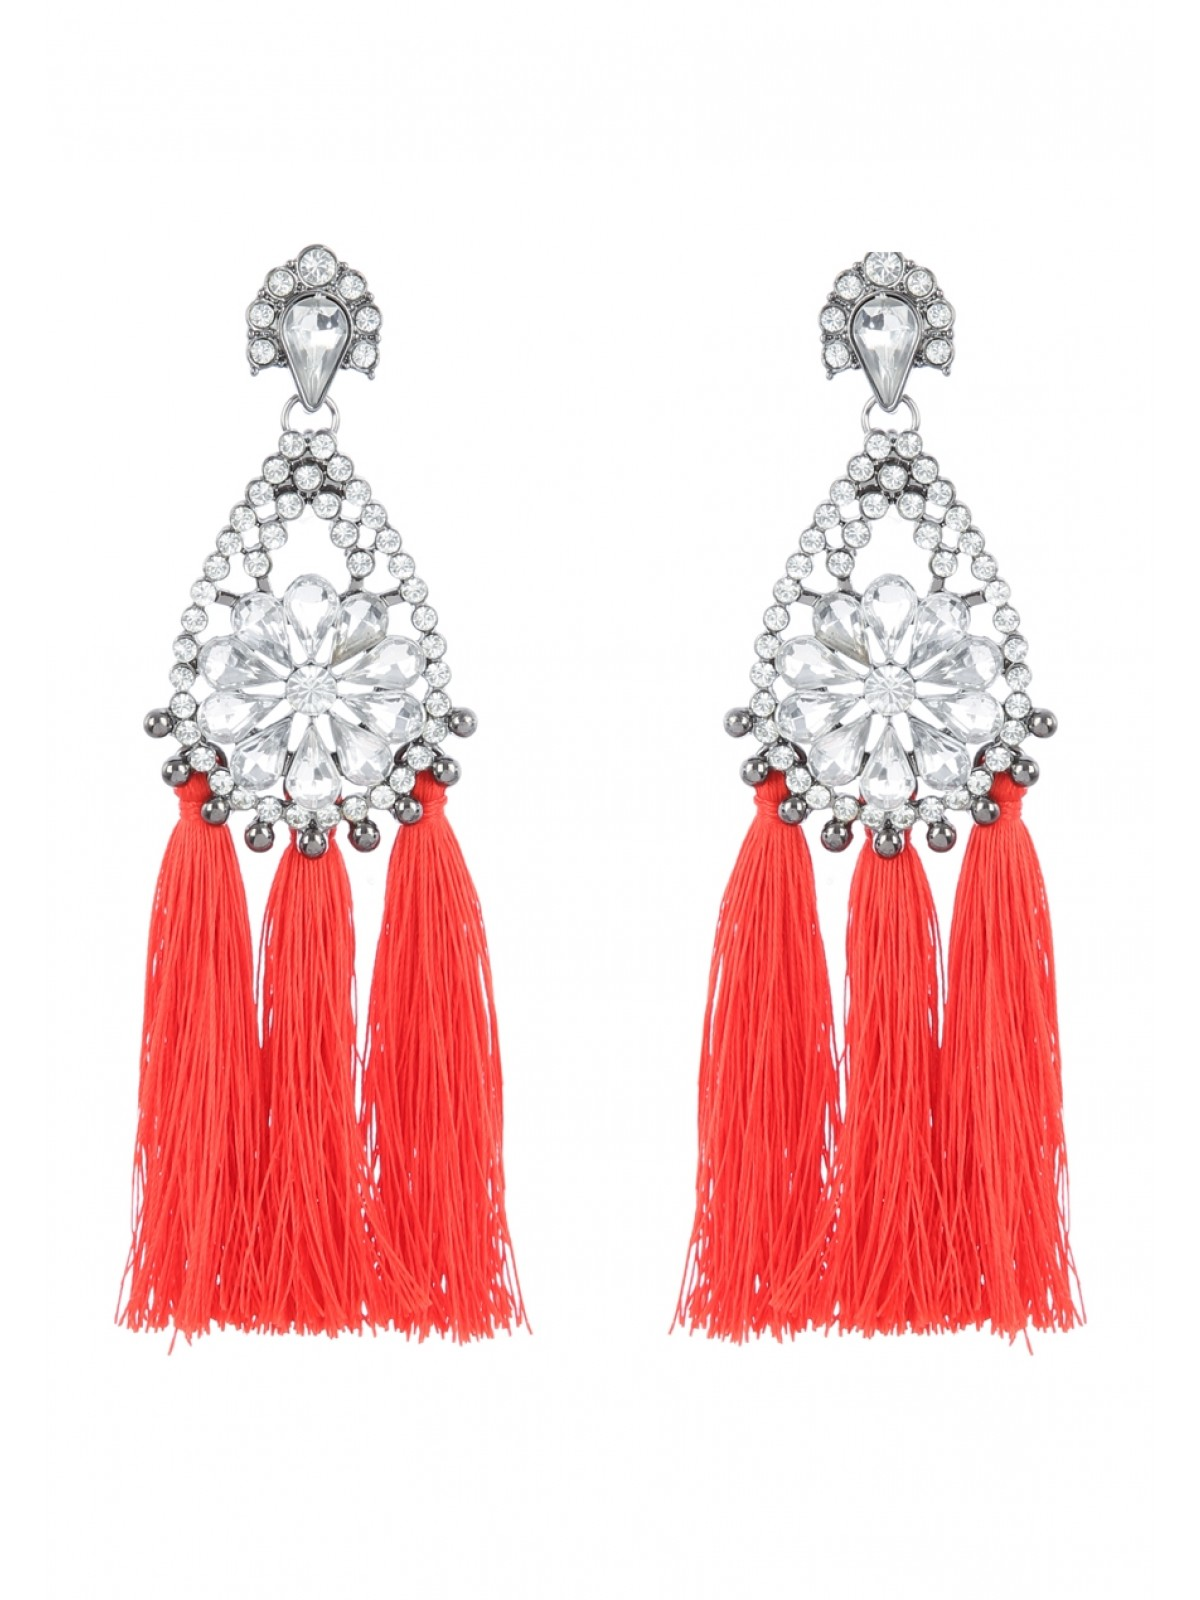 Peacocks earrings.jpg